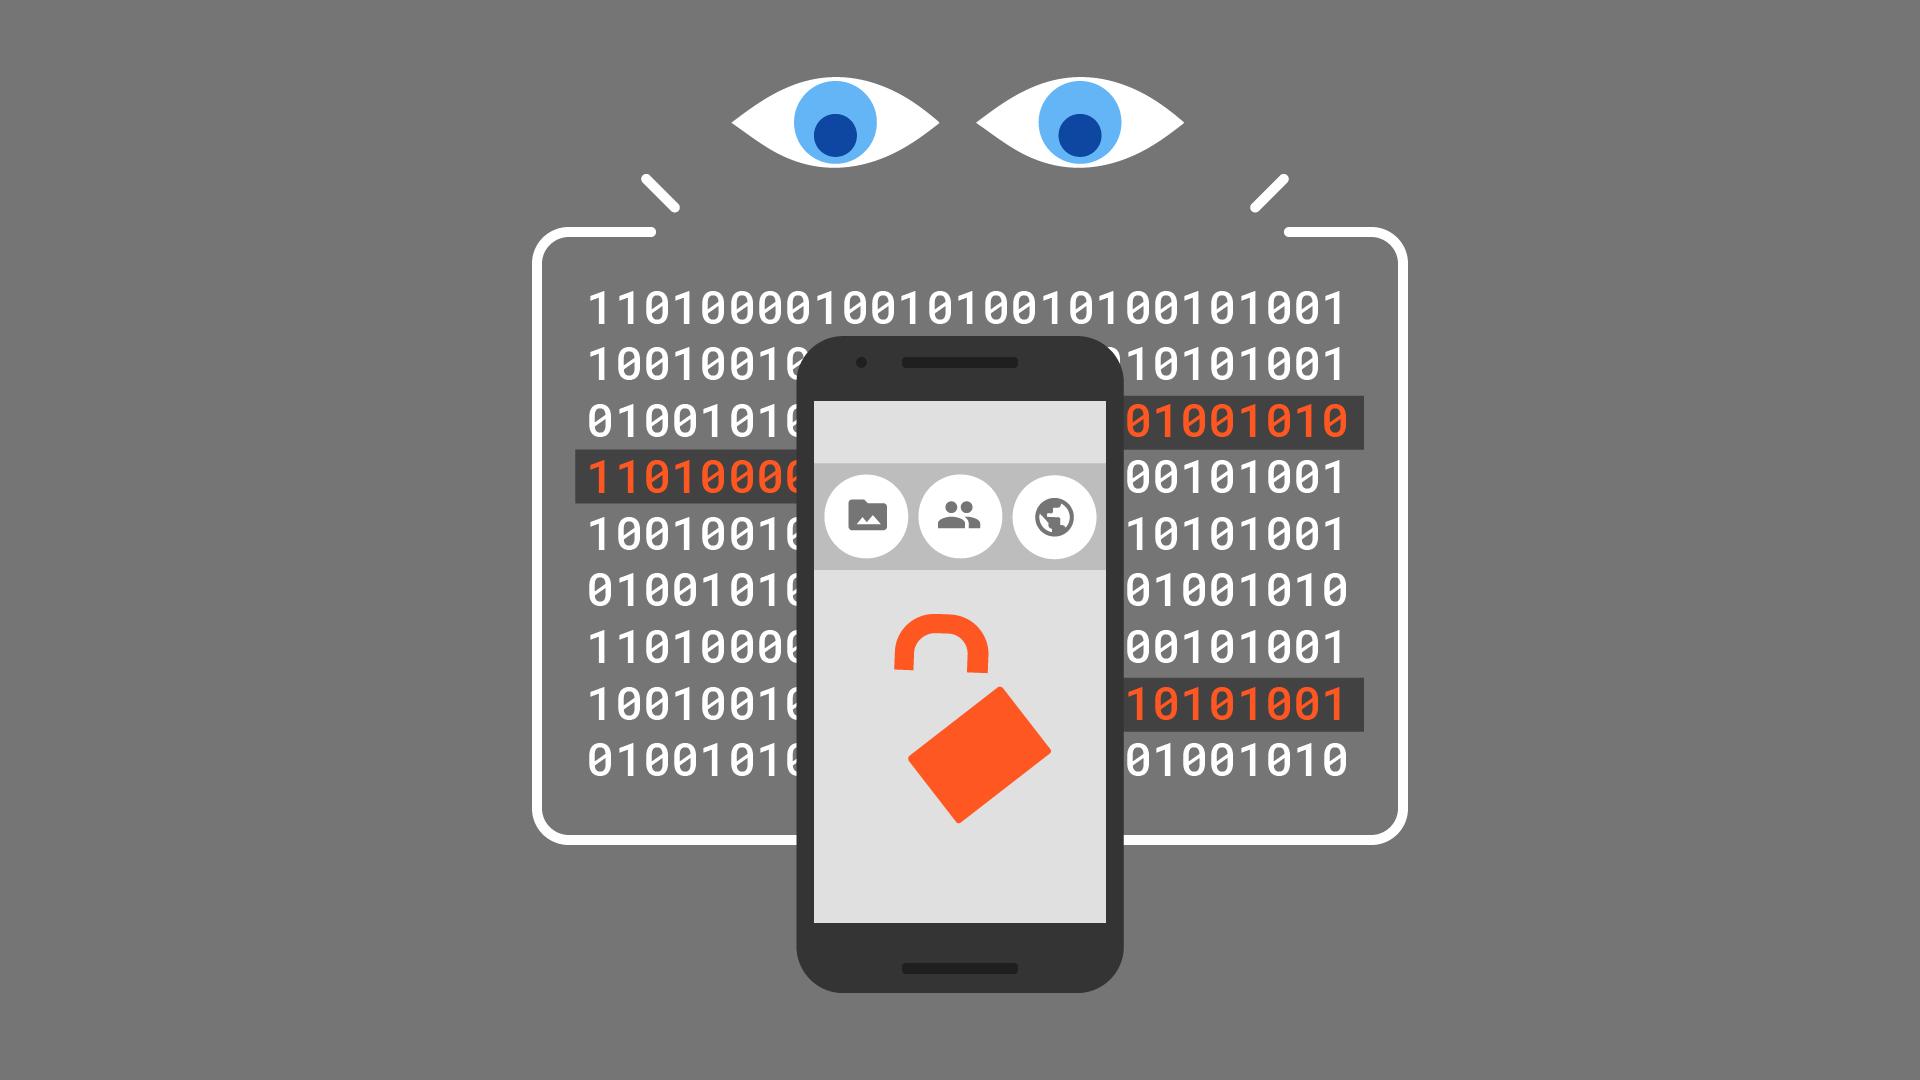 Ilustración de la seguridad de un dispositivo móvil